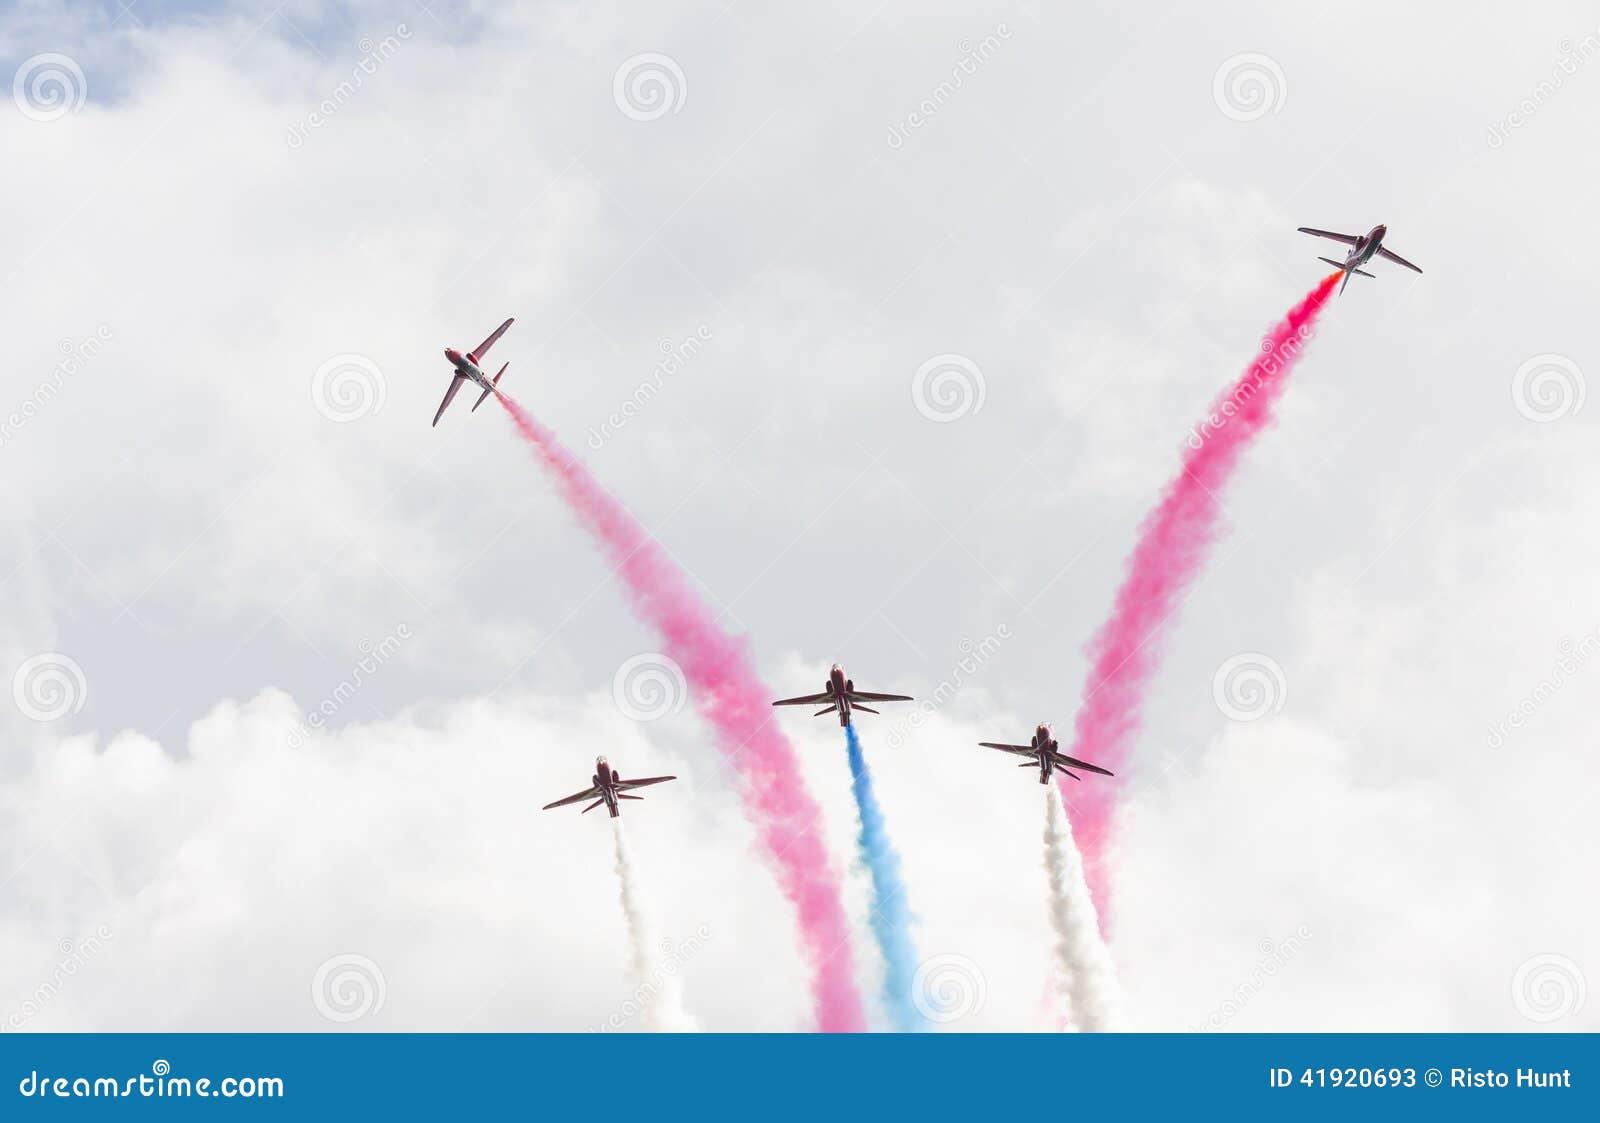 Demostración aeroacrobacia del vuelo de la flecha roja en Tallinn, Estonia